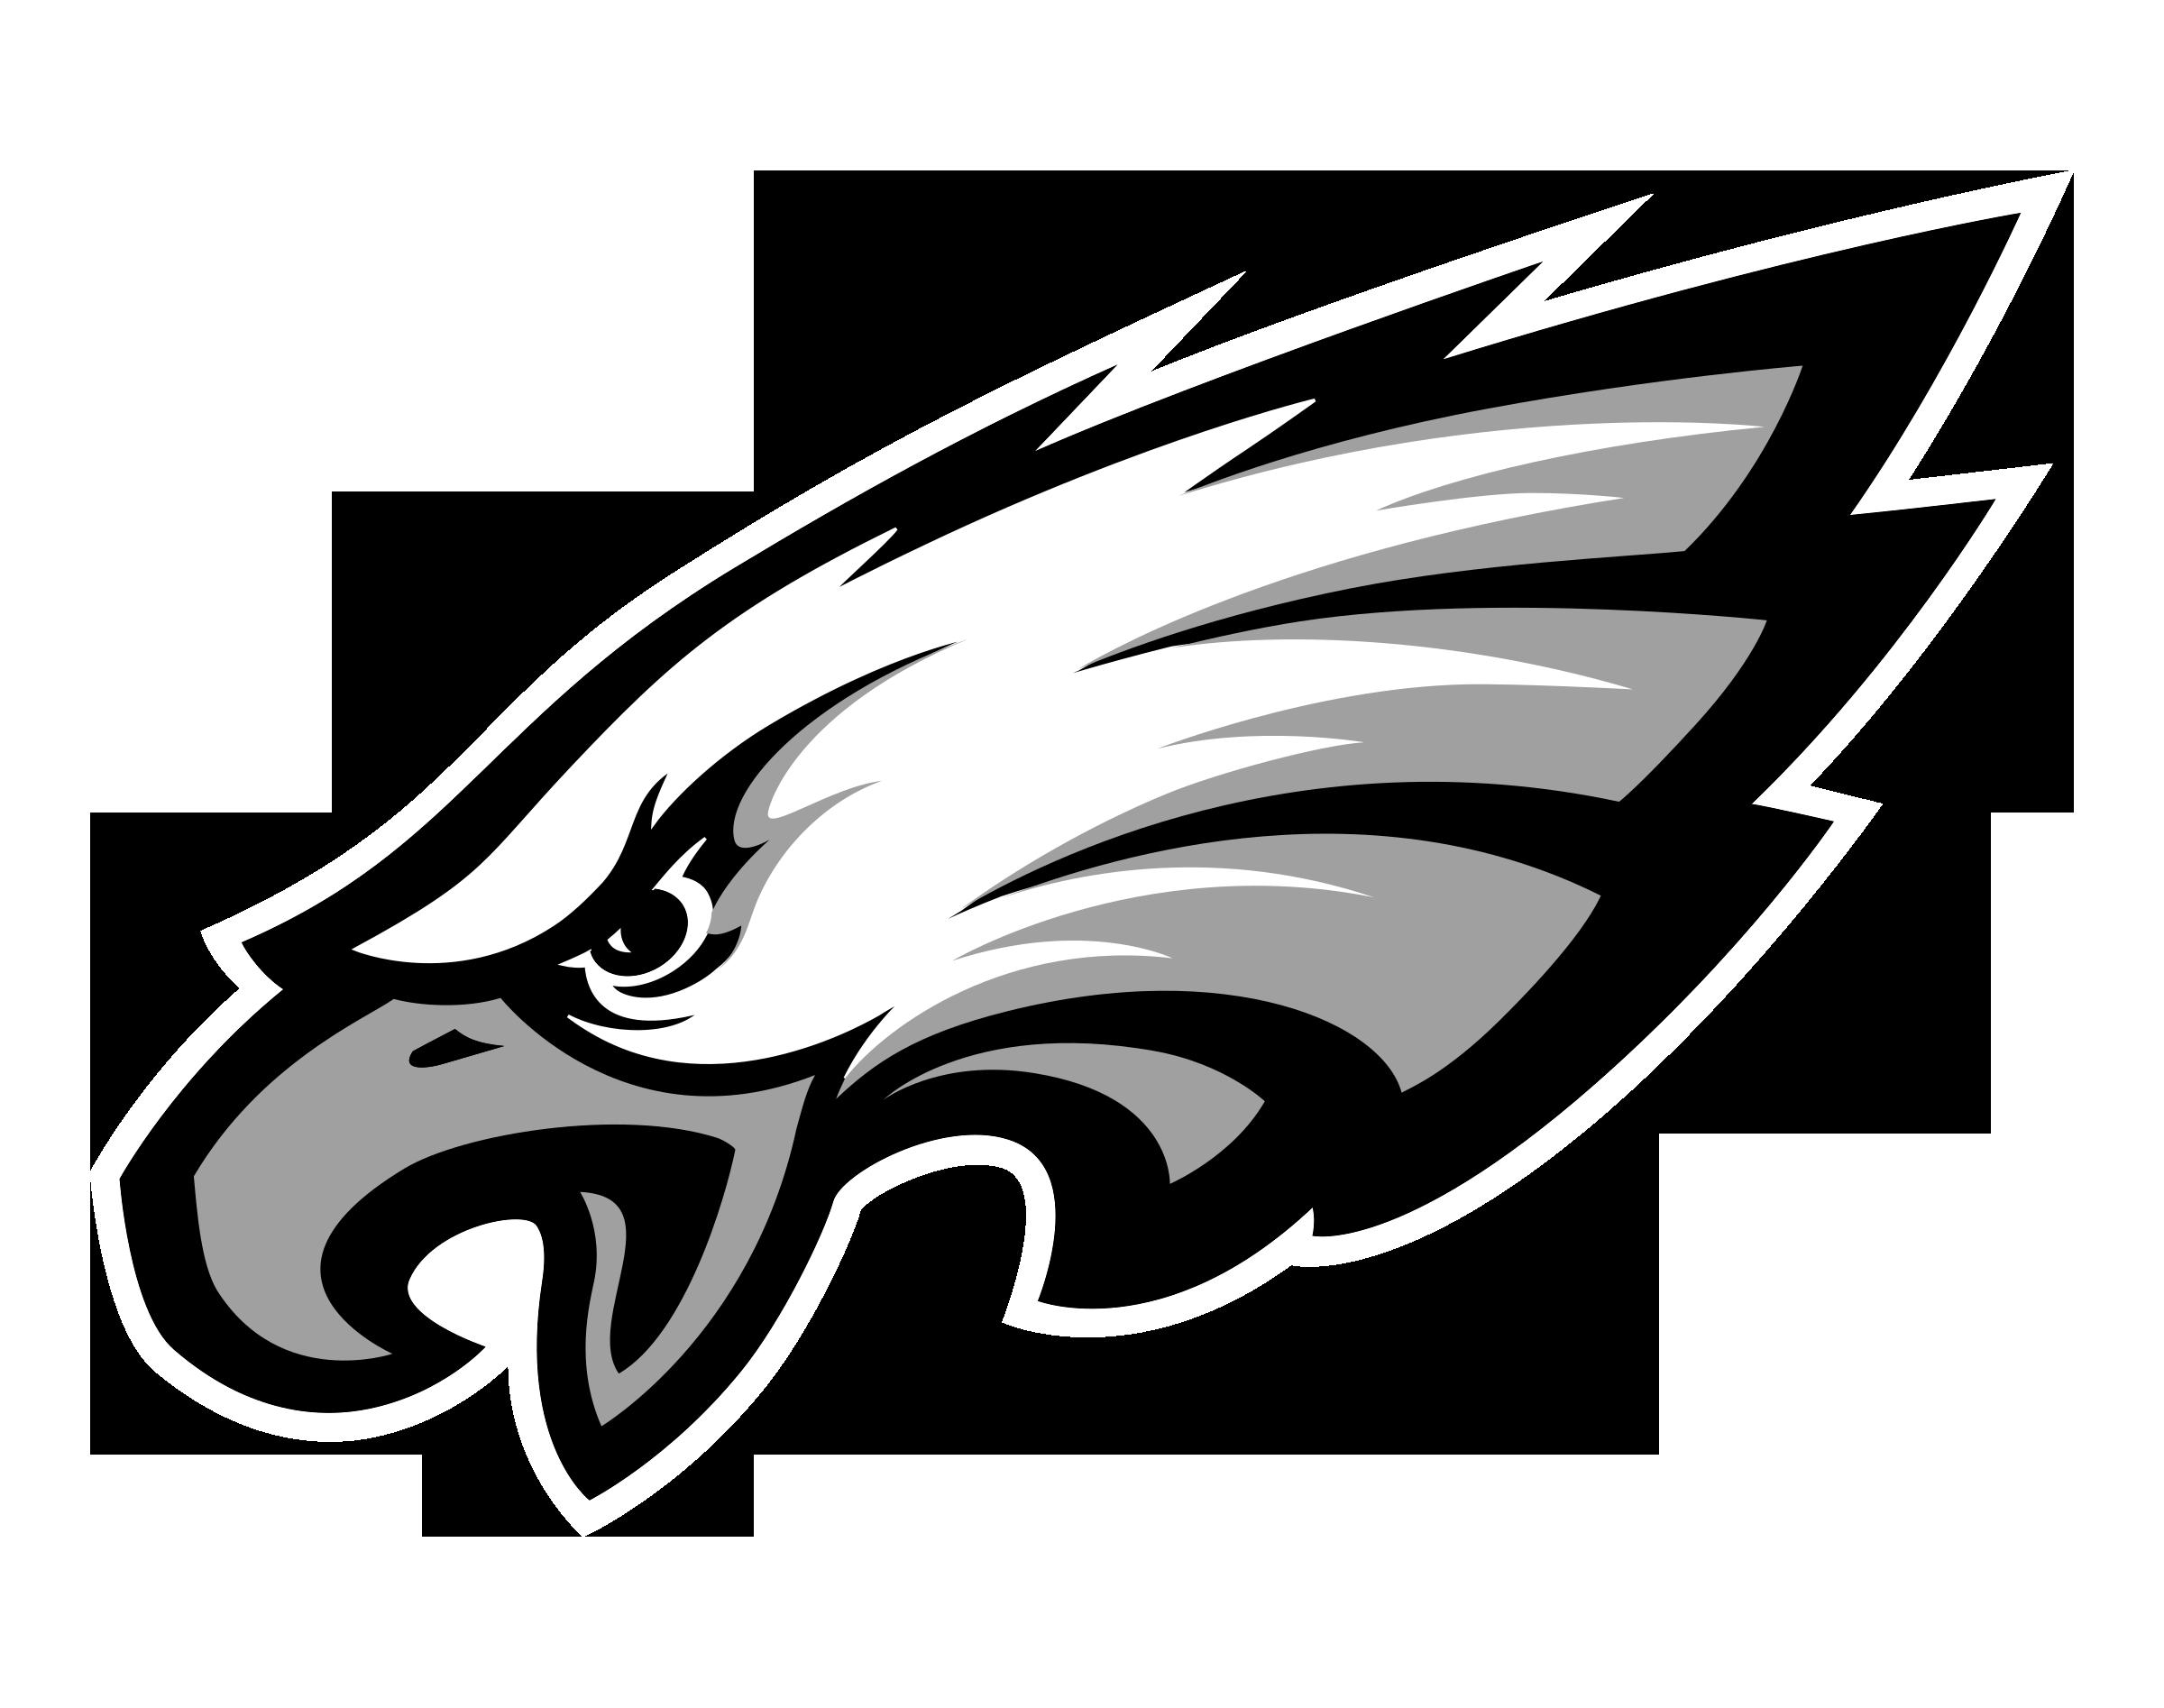 philadelphia eagles logo png transparent amp svg vector